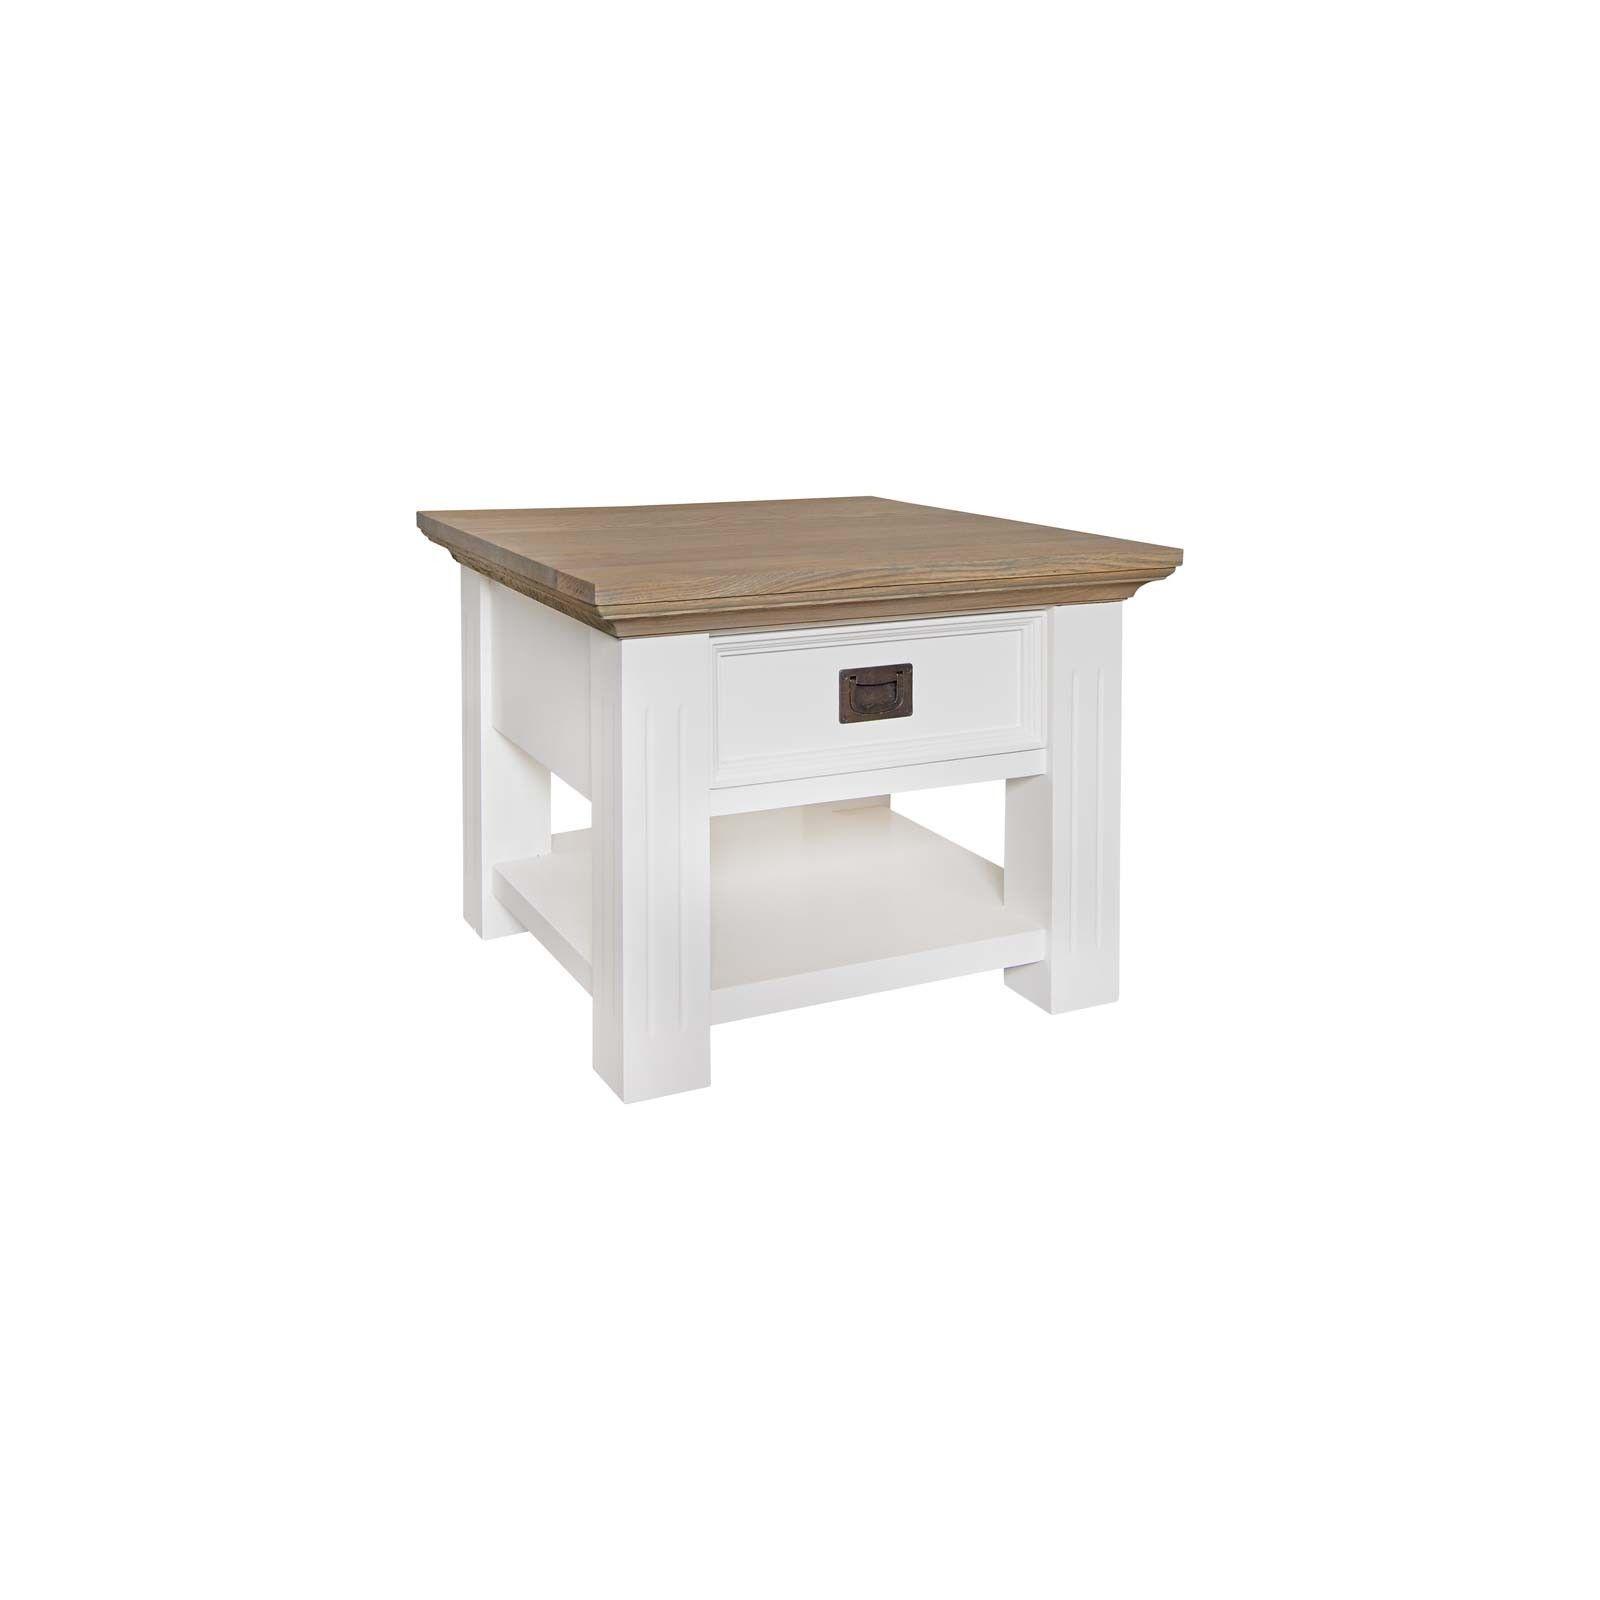 Table d'angle Oakdale 1-tiroir Meuble Déco Tendance - 1